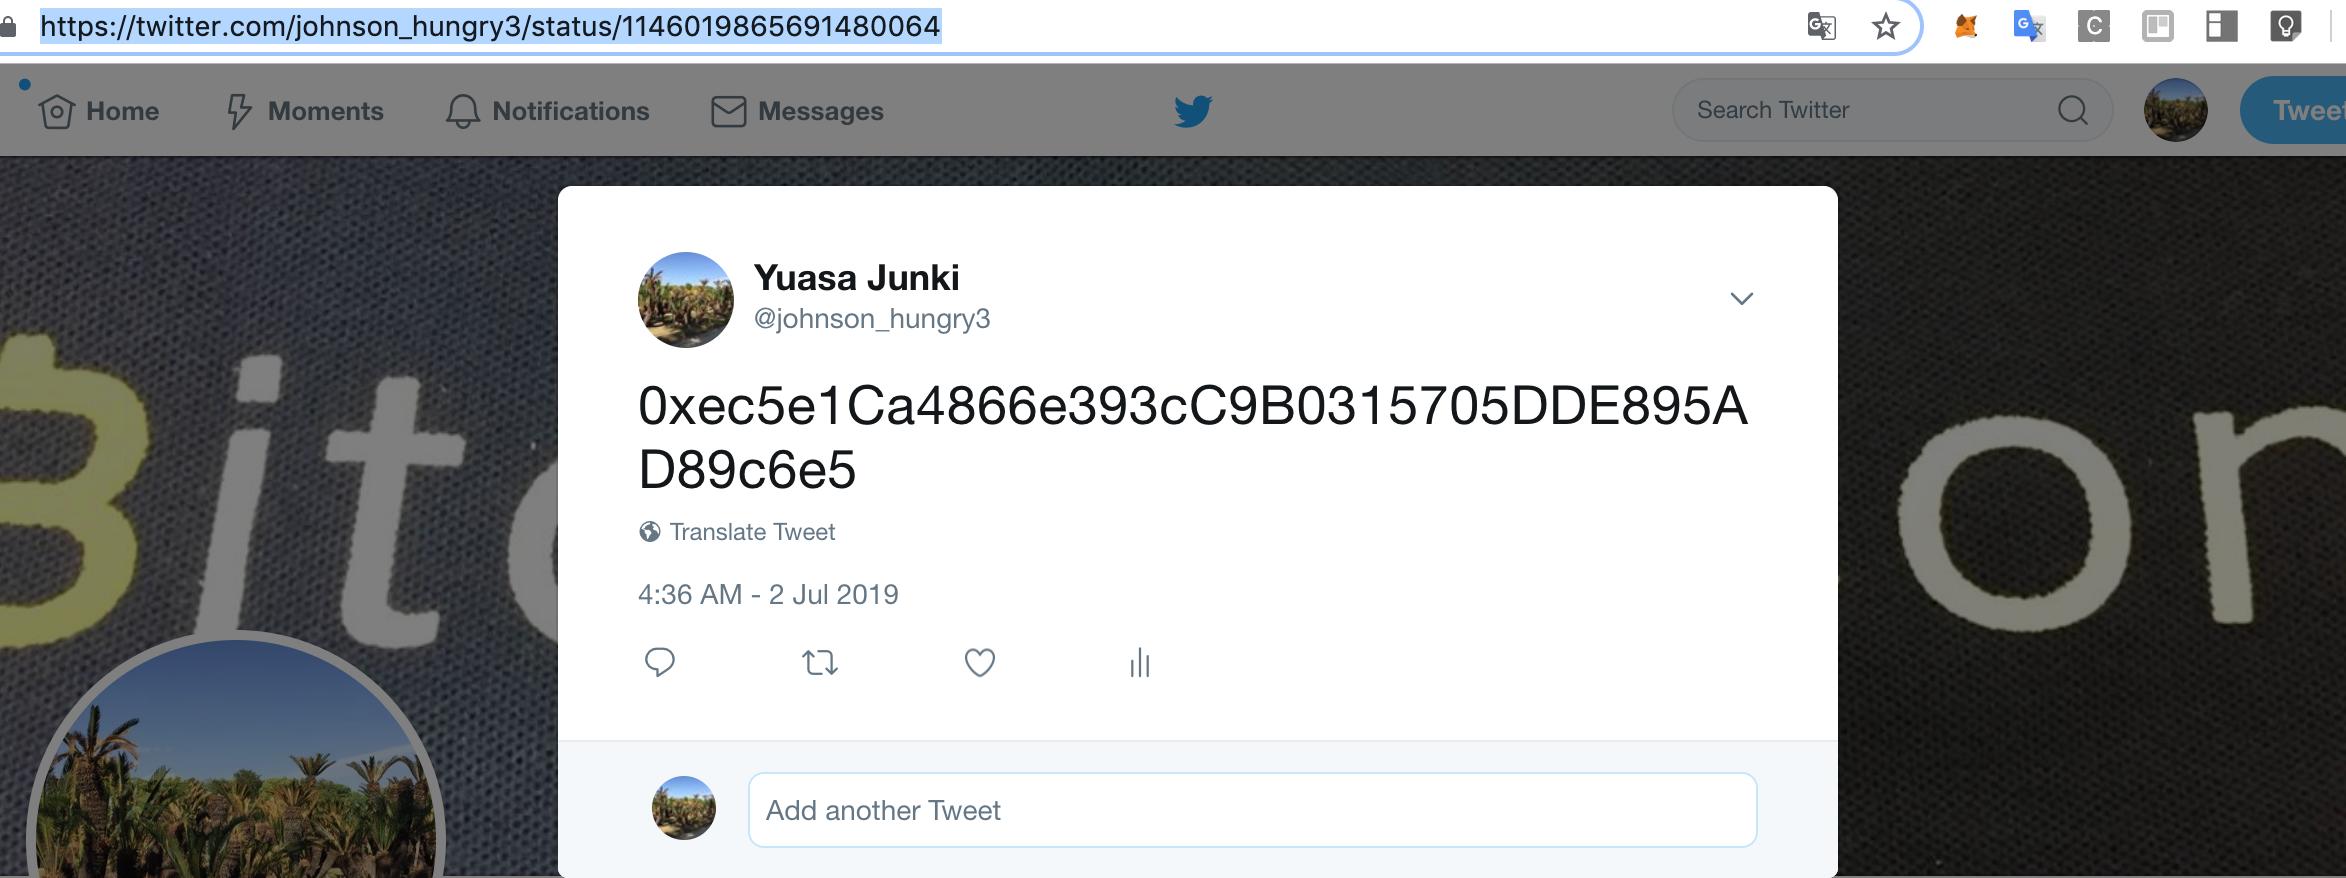 スクリーンショット 2019-07-02 20.37.04.png